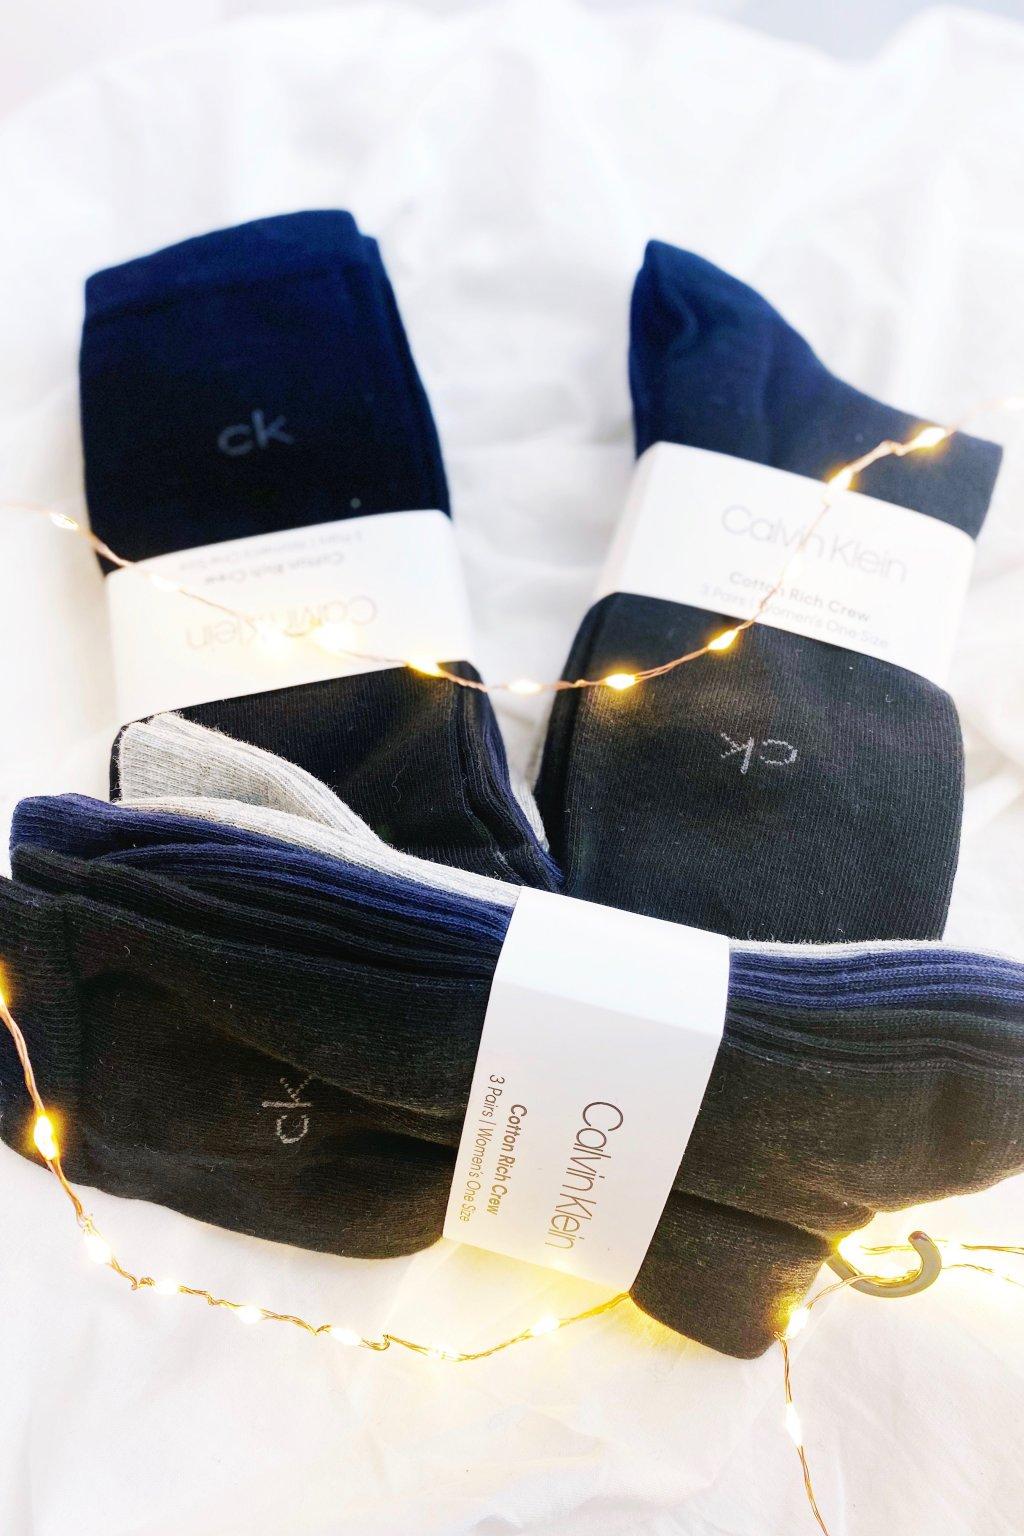 Calvin Klein dámské ponožky nízké 3 páry - černá, šedá, modrá